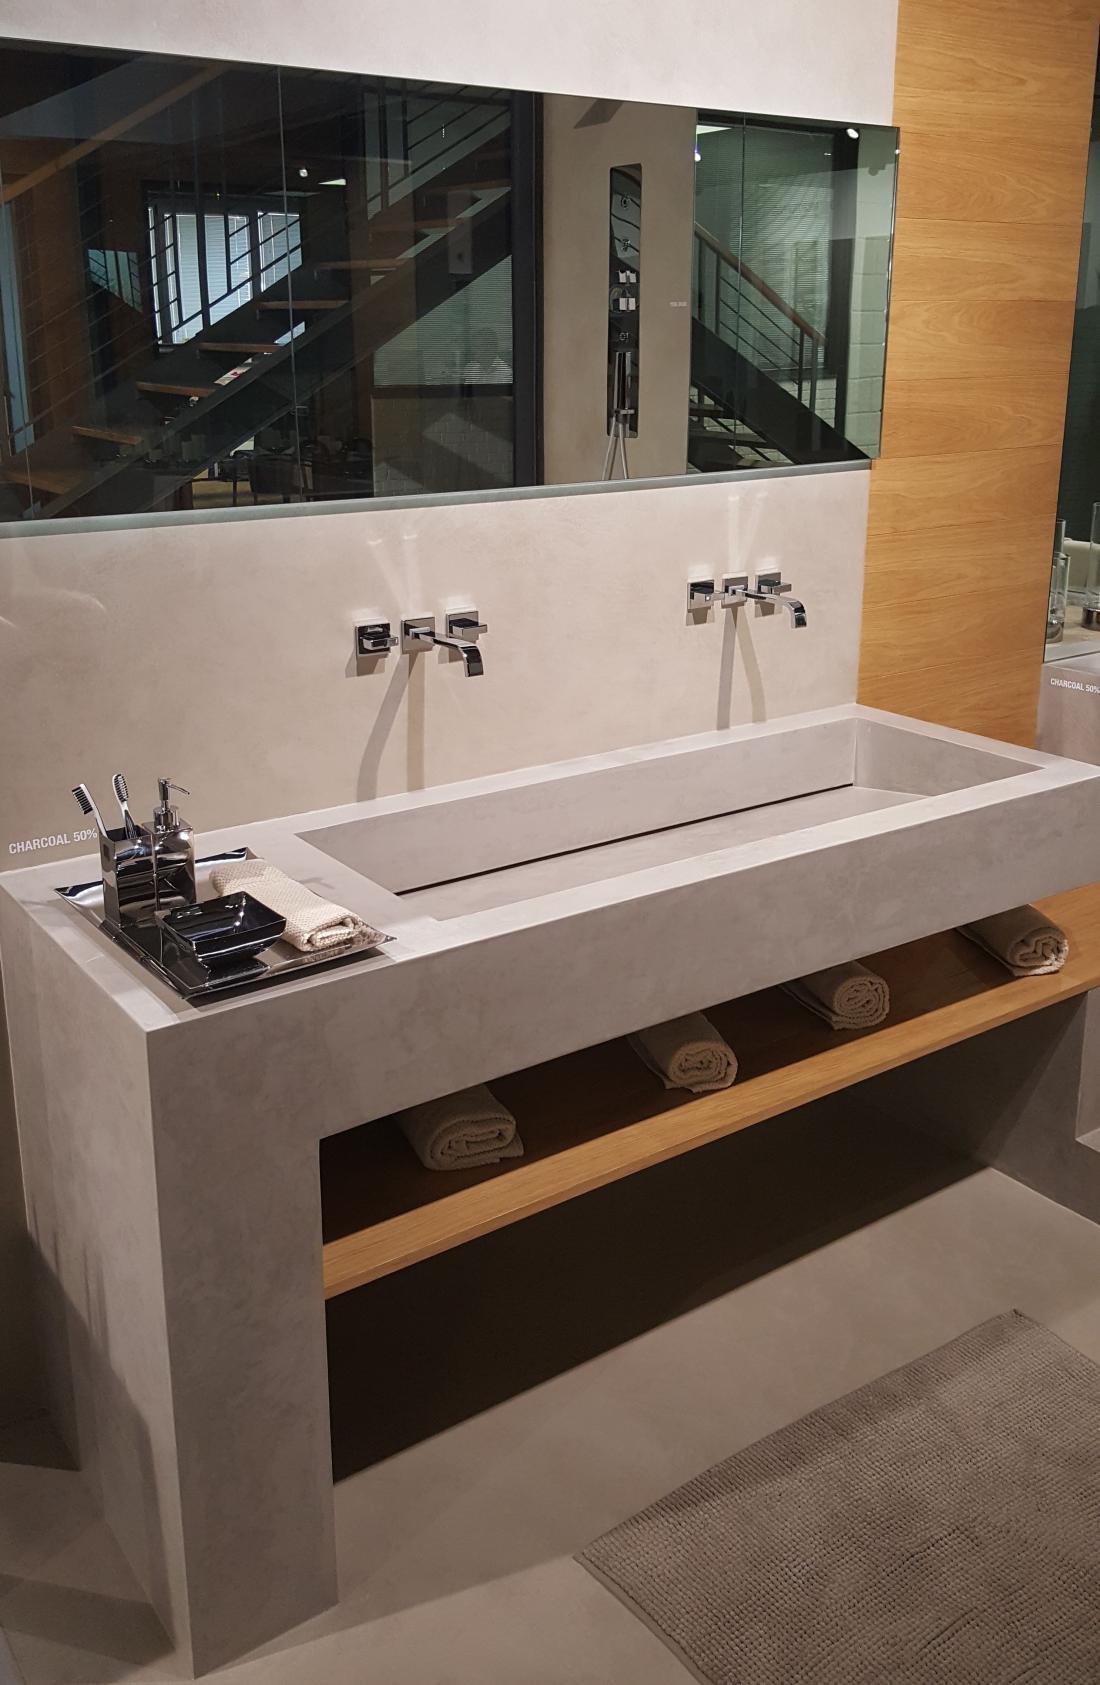 Dekorativni beton da umivalniku v kopalnici surov videz. Microtopping je vodoodporen in zato primeren za uporabo v prostorih, kjer je vlaga.